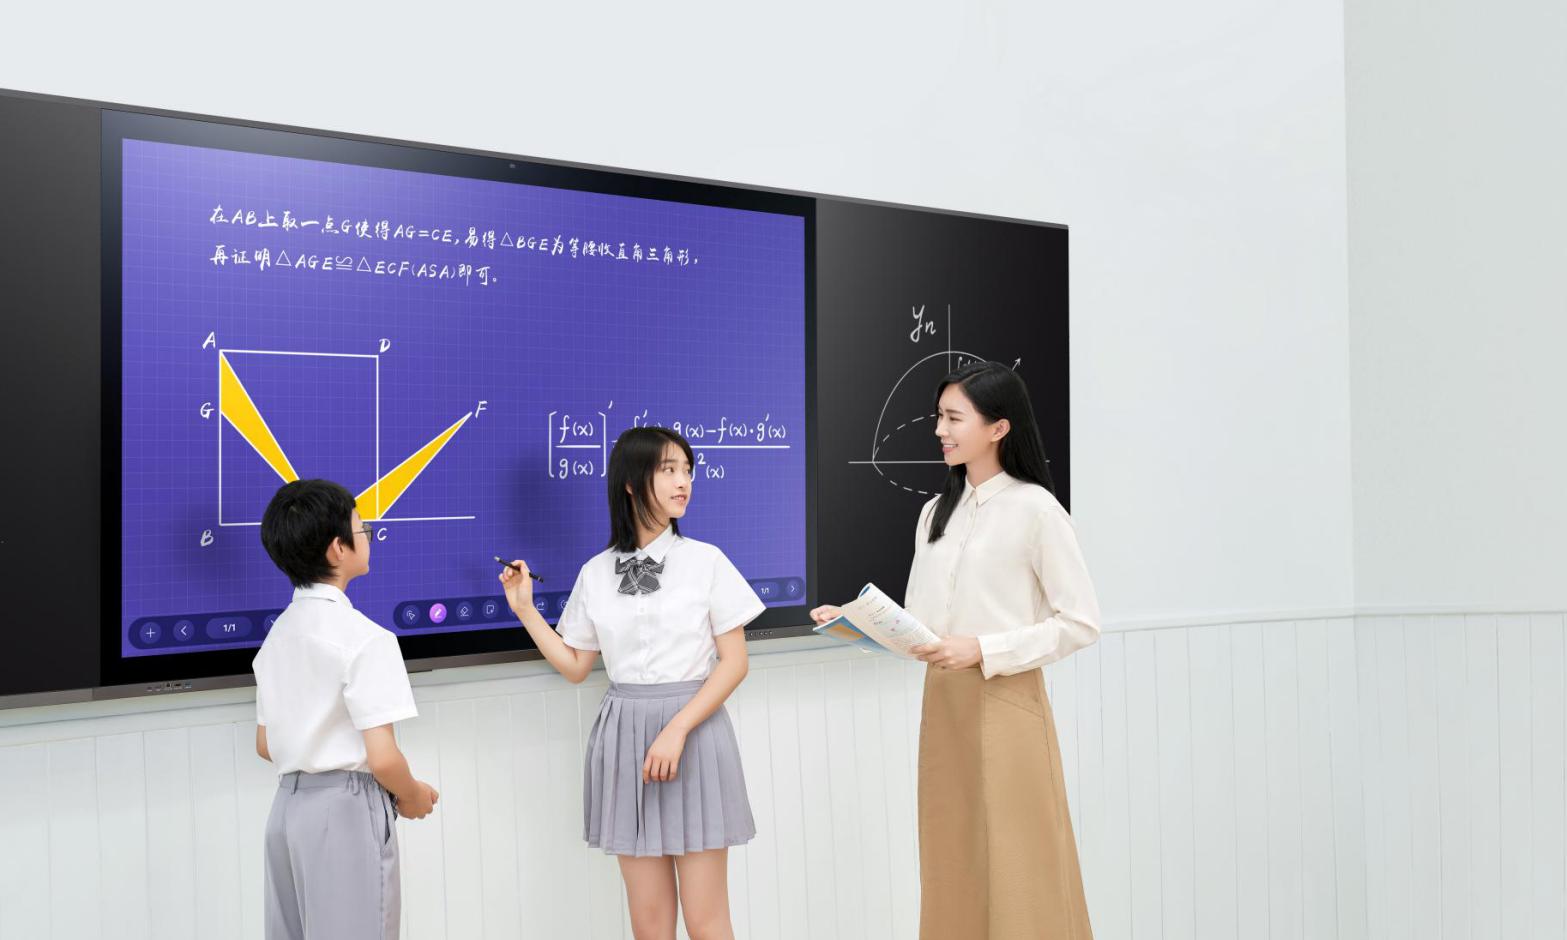 如何使用电子白板教学,电子白板的使用技巧?